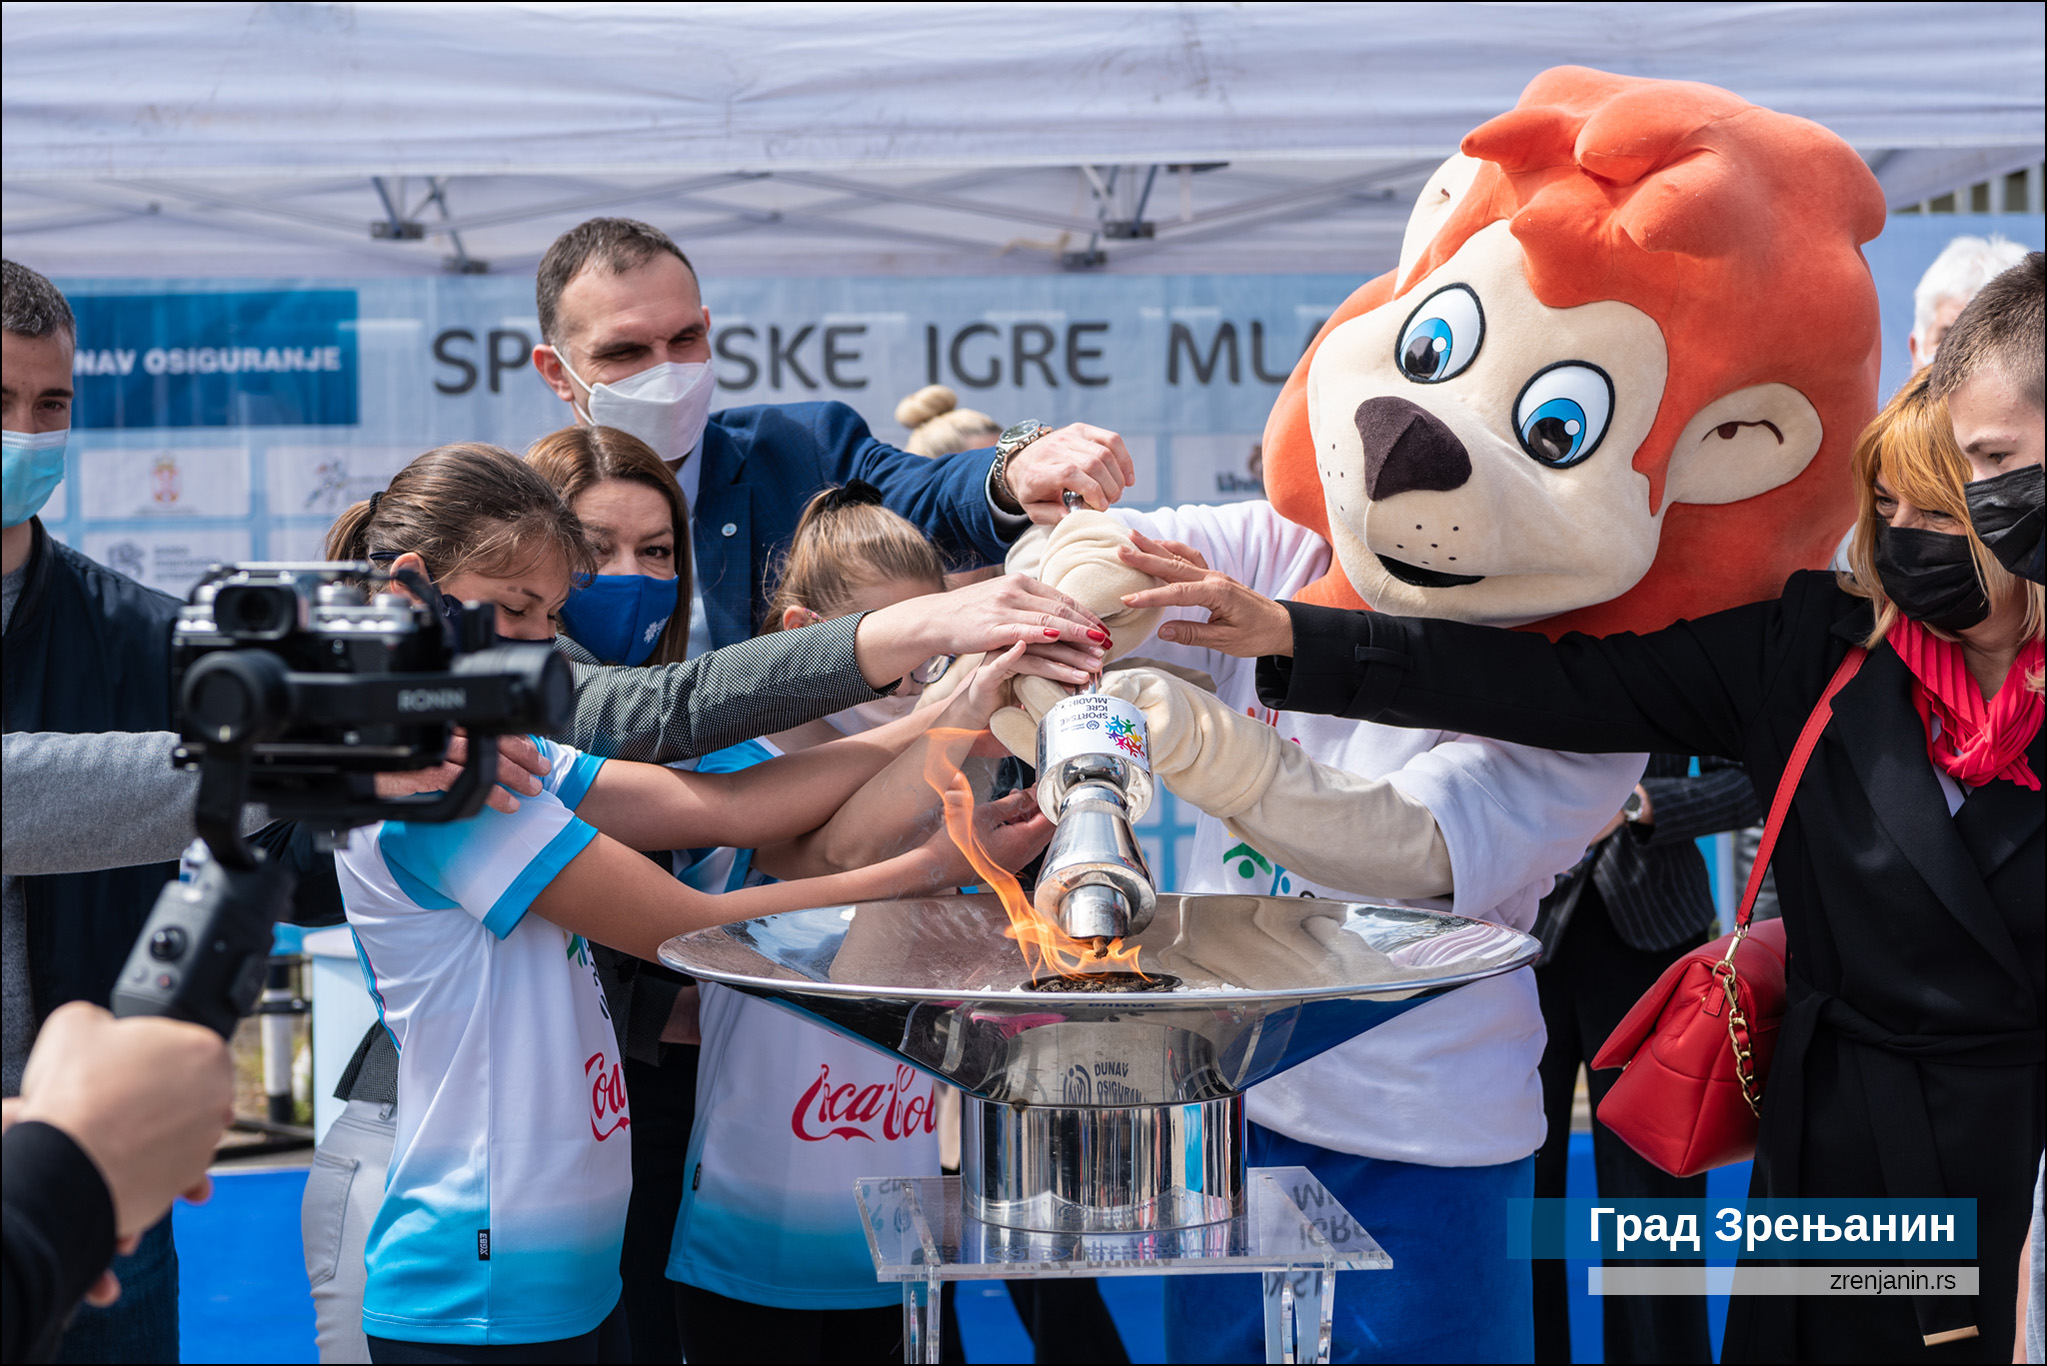 Sportske igre mladih 2021_043